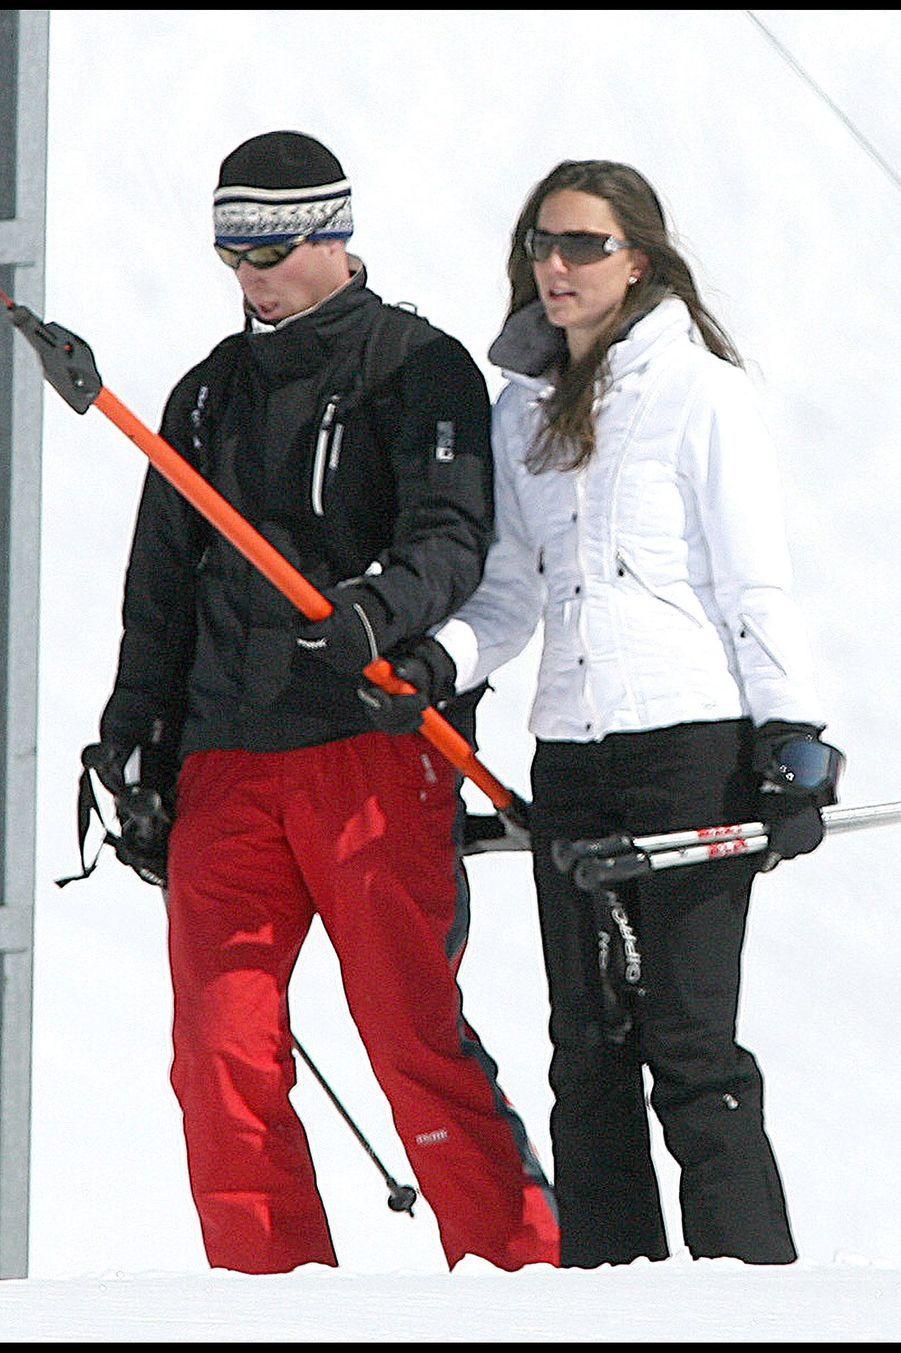 Kate Middleton et le prince William en vacances en Suisse en mars 2008